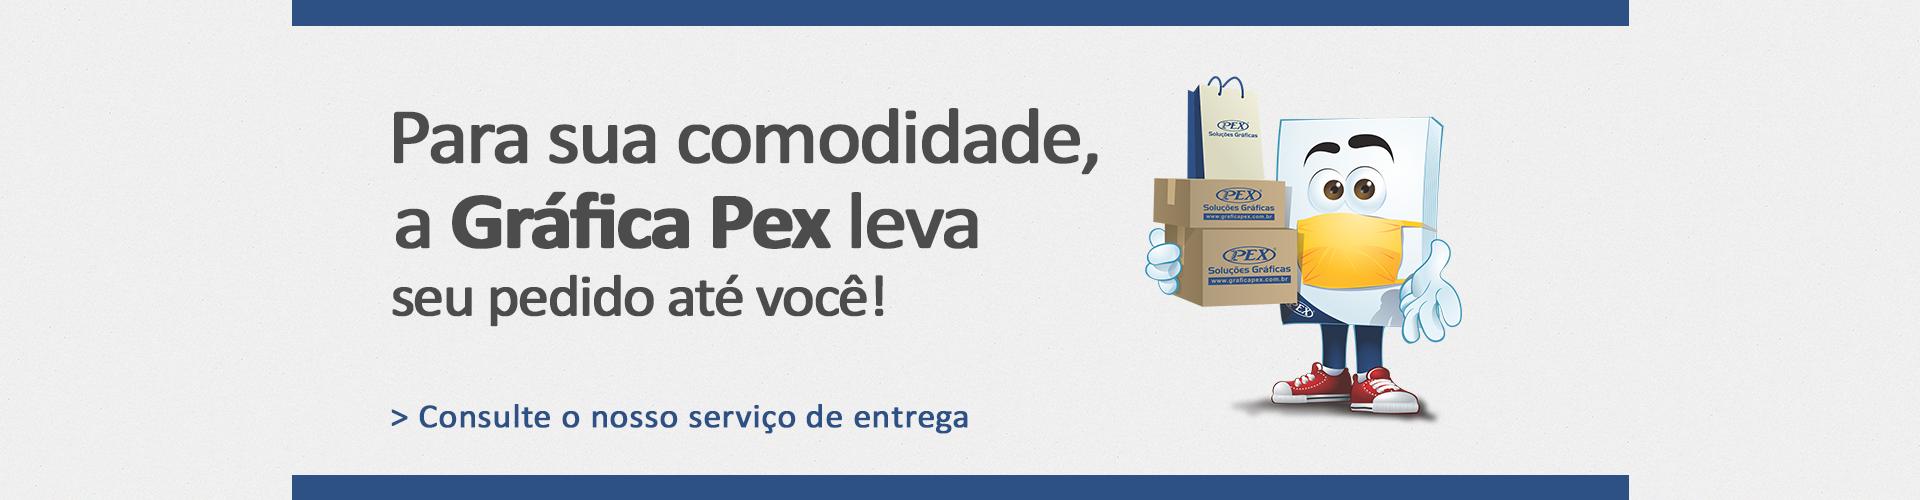 Campanha Delivery Pex 01#